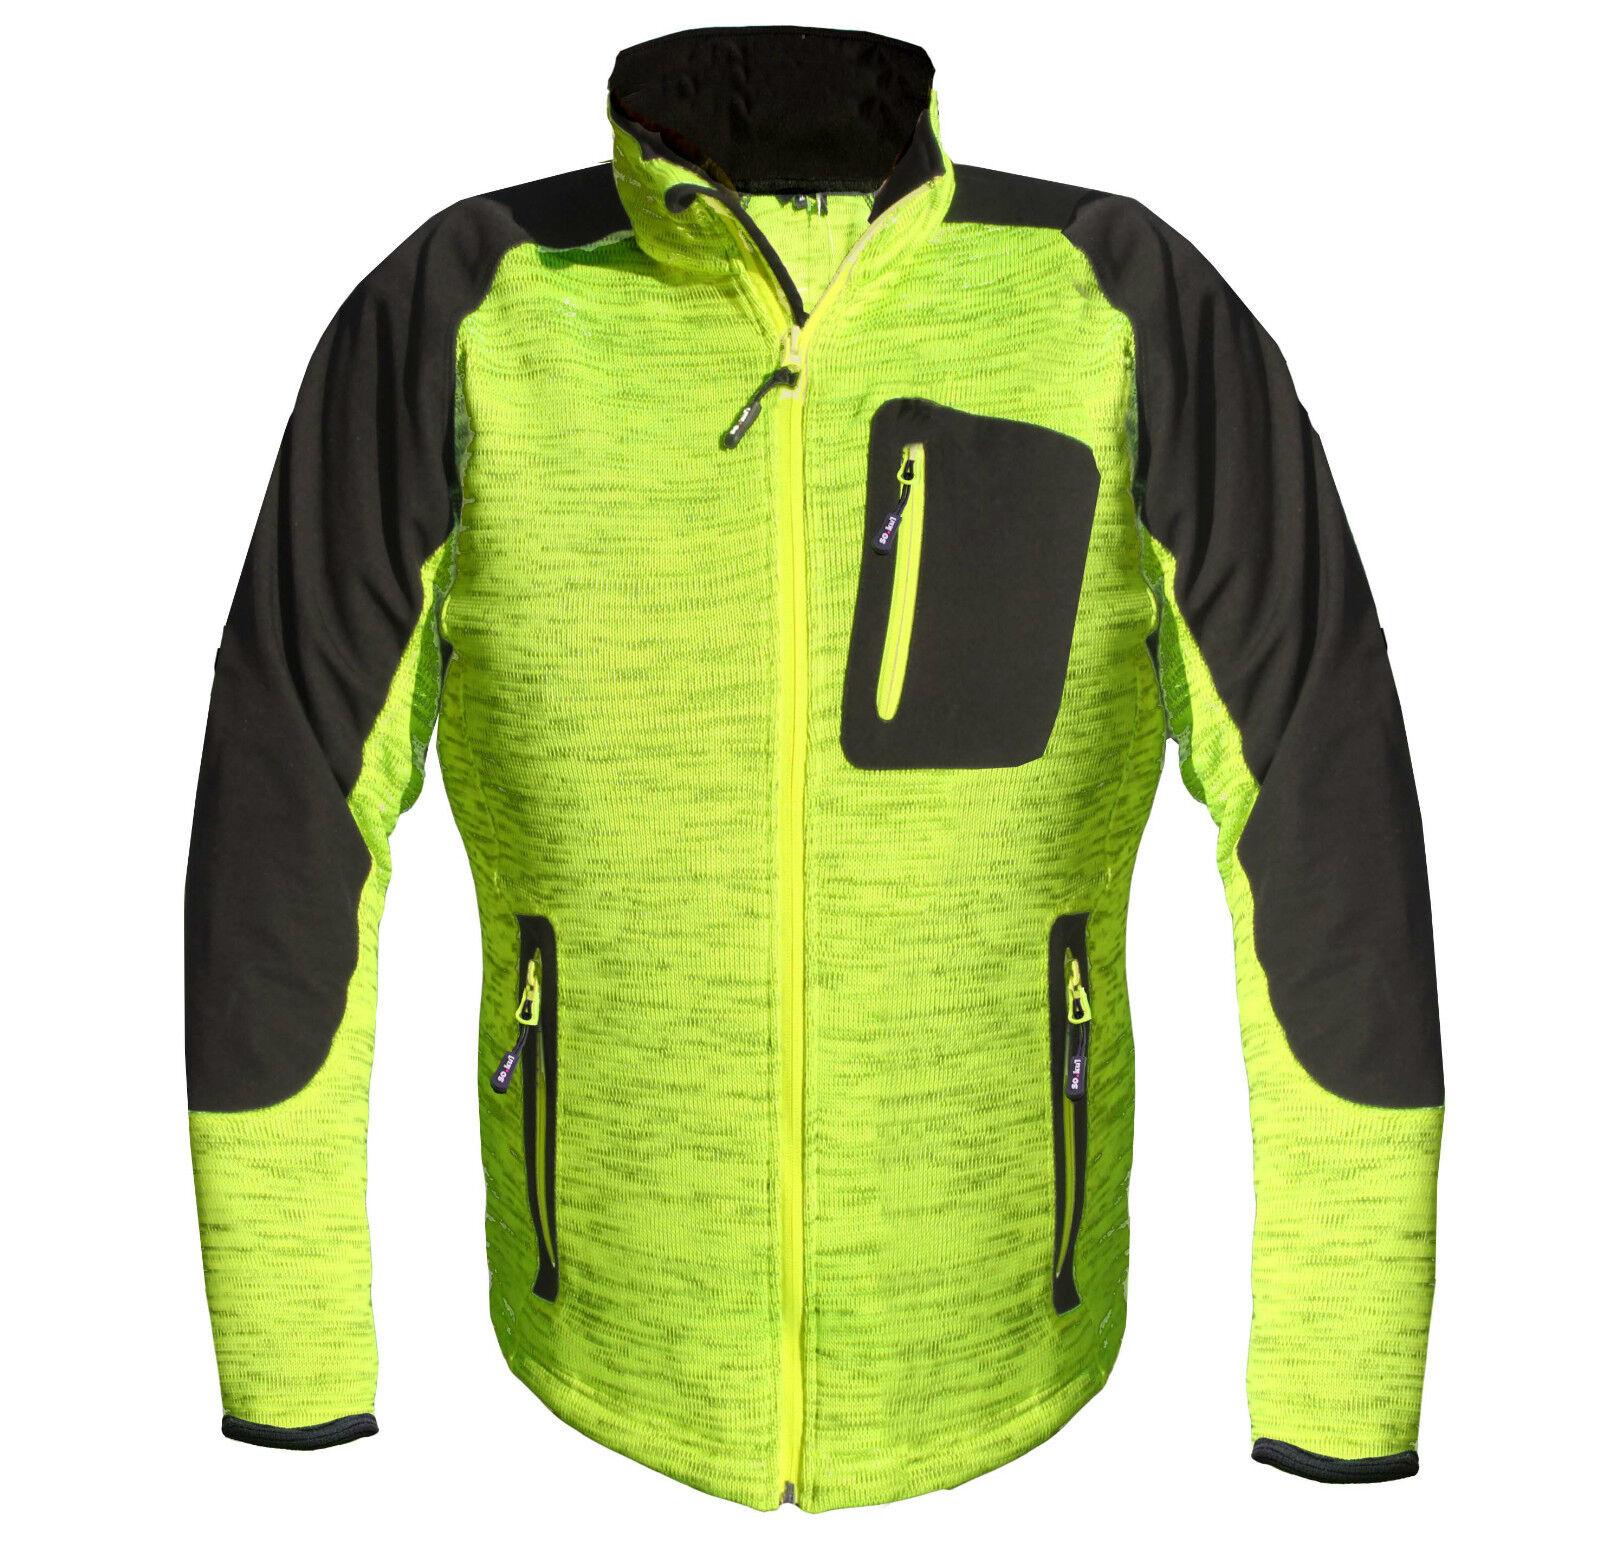 Veste Softshell tricotée cycliste TENDANCE bonne visibilité Nouveauté